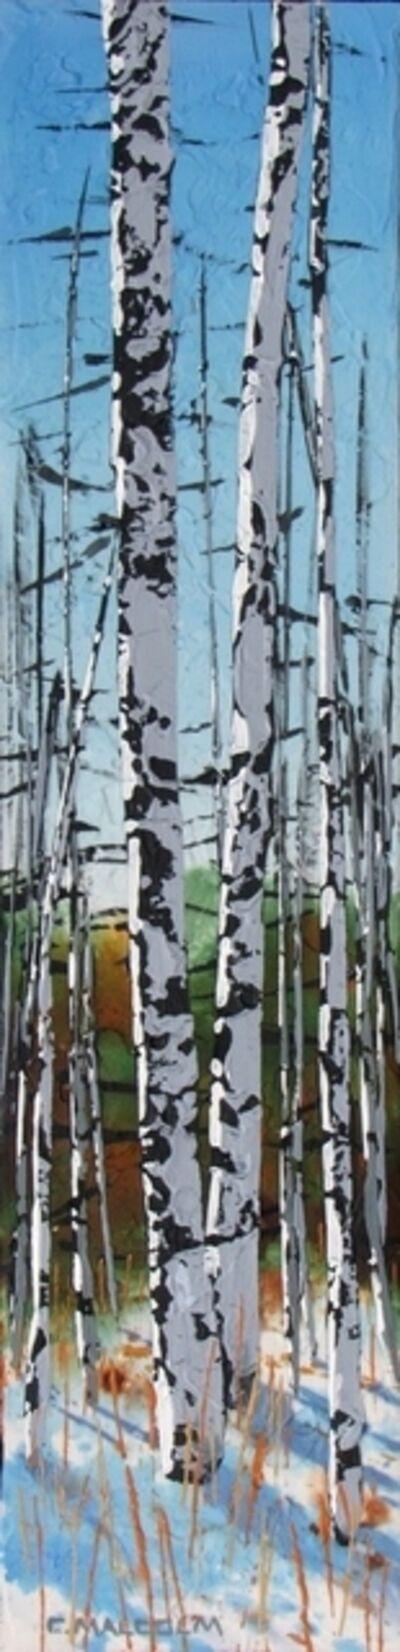 Carole Malcolm, 'Treescape 01019', 2019